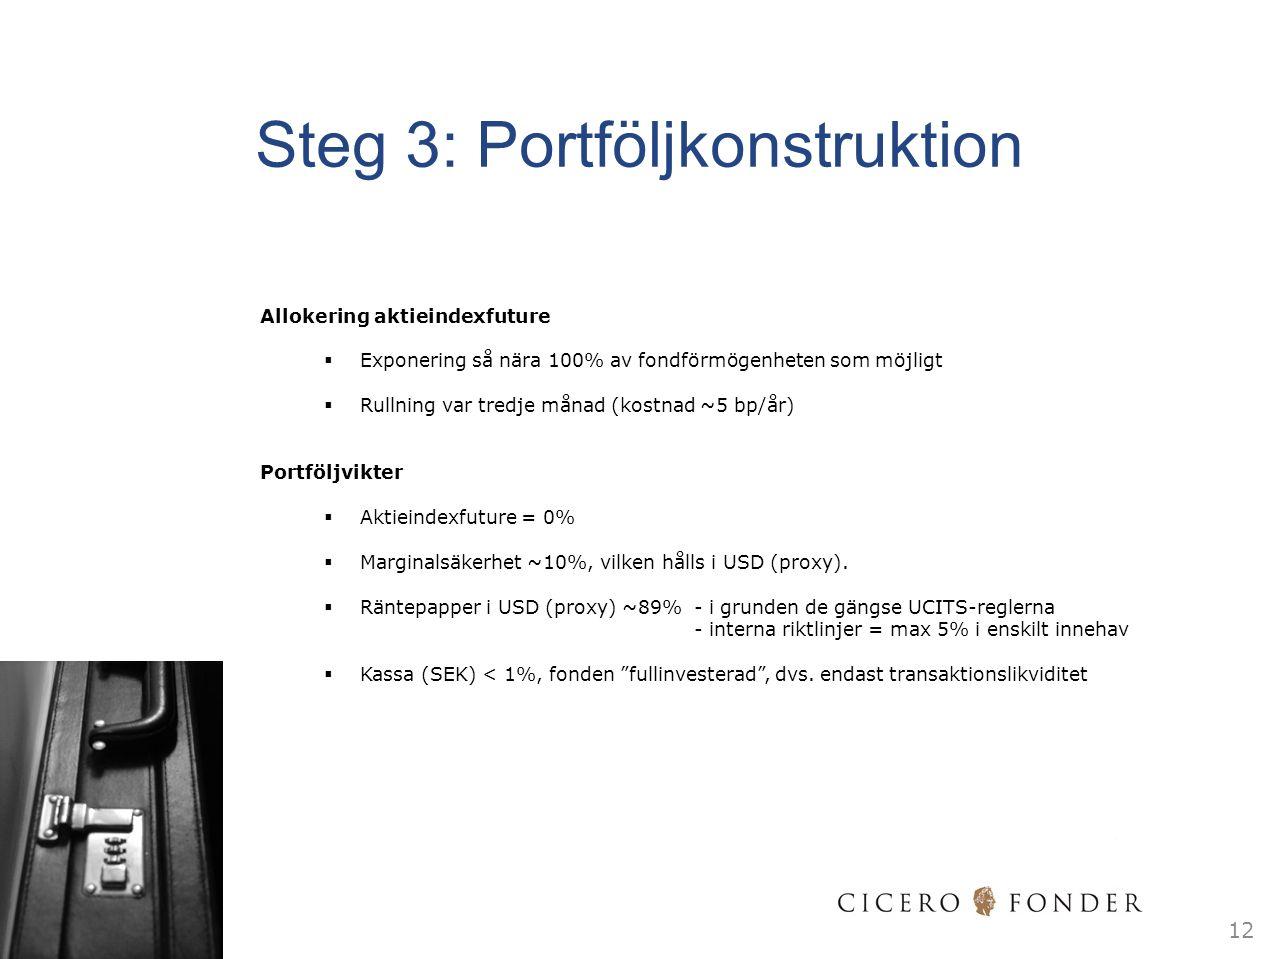 12 Allokering aktieindexfuture  Exponering så nära 100% av fondförmögenheten som möjligt  Rullning var tredje månad (kostnad ~5 bp/år) Portföljvikte